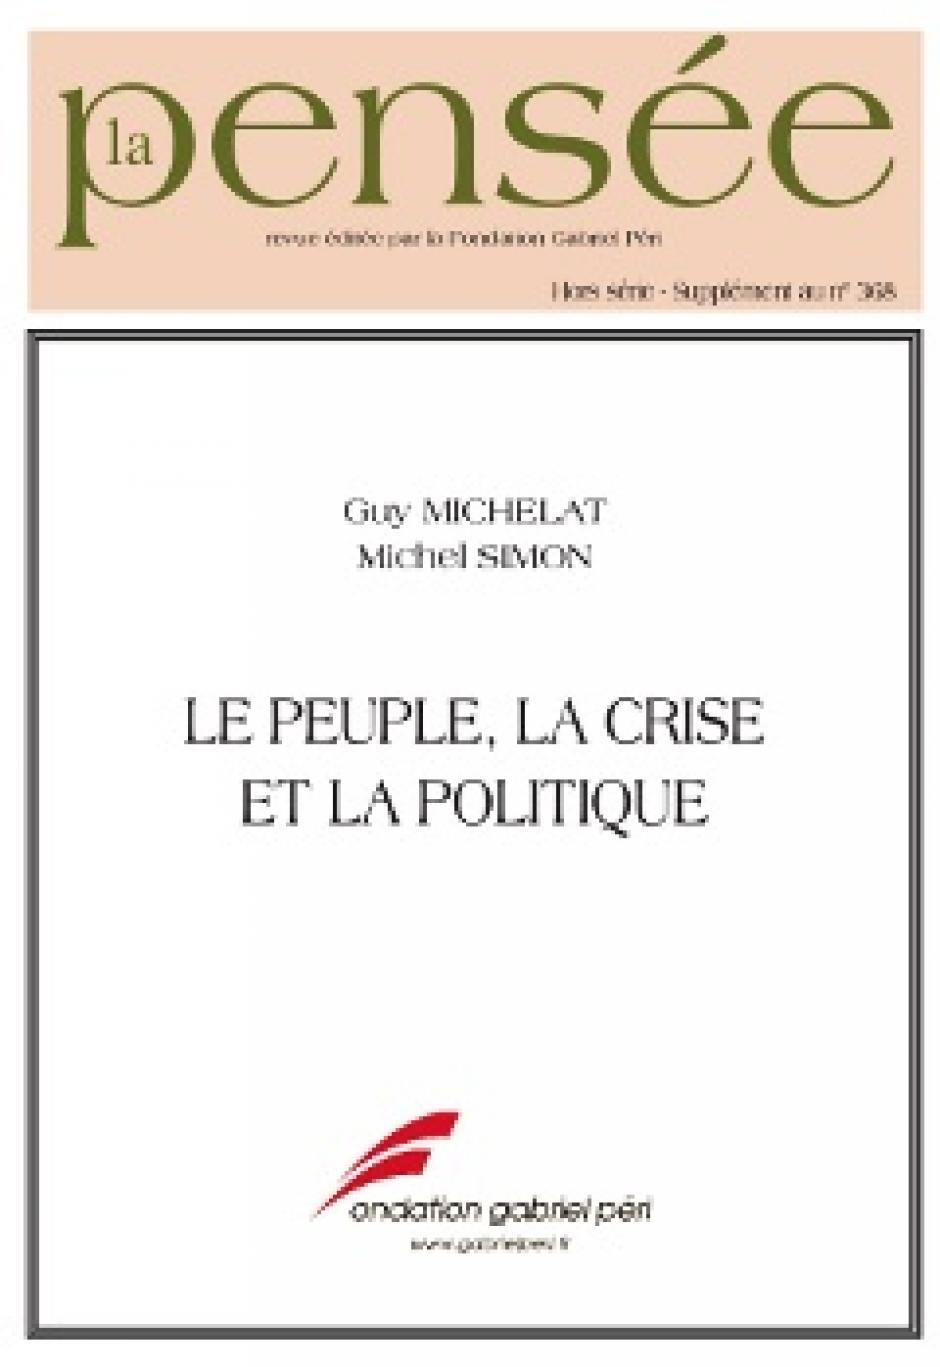 Le Peuple, la crise et la politique, Guy Michelat, Michel Simon